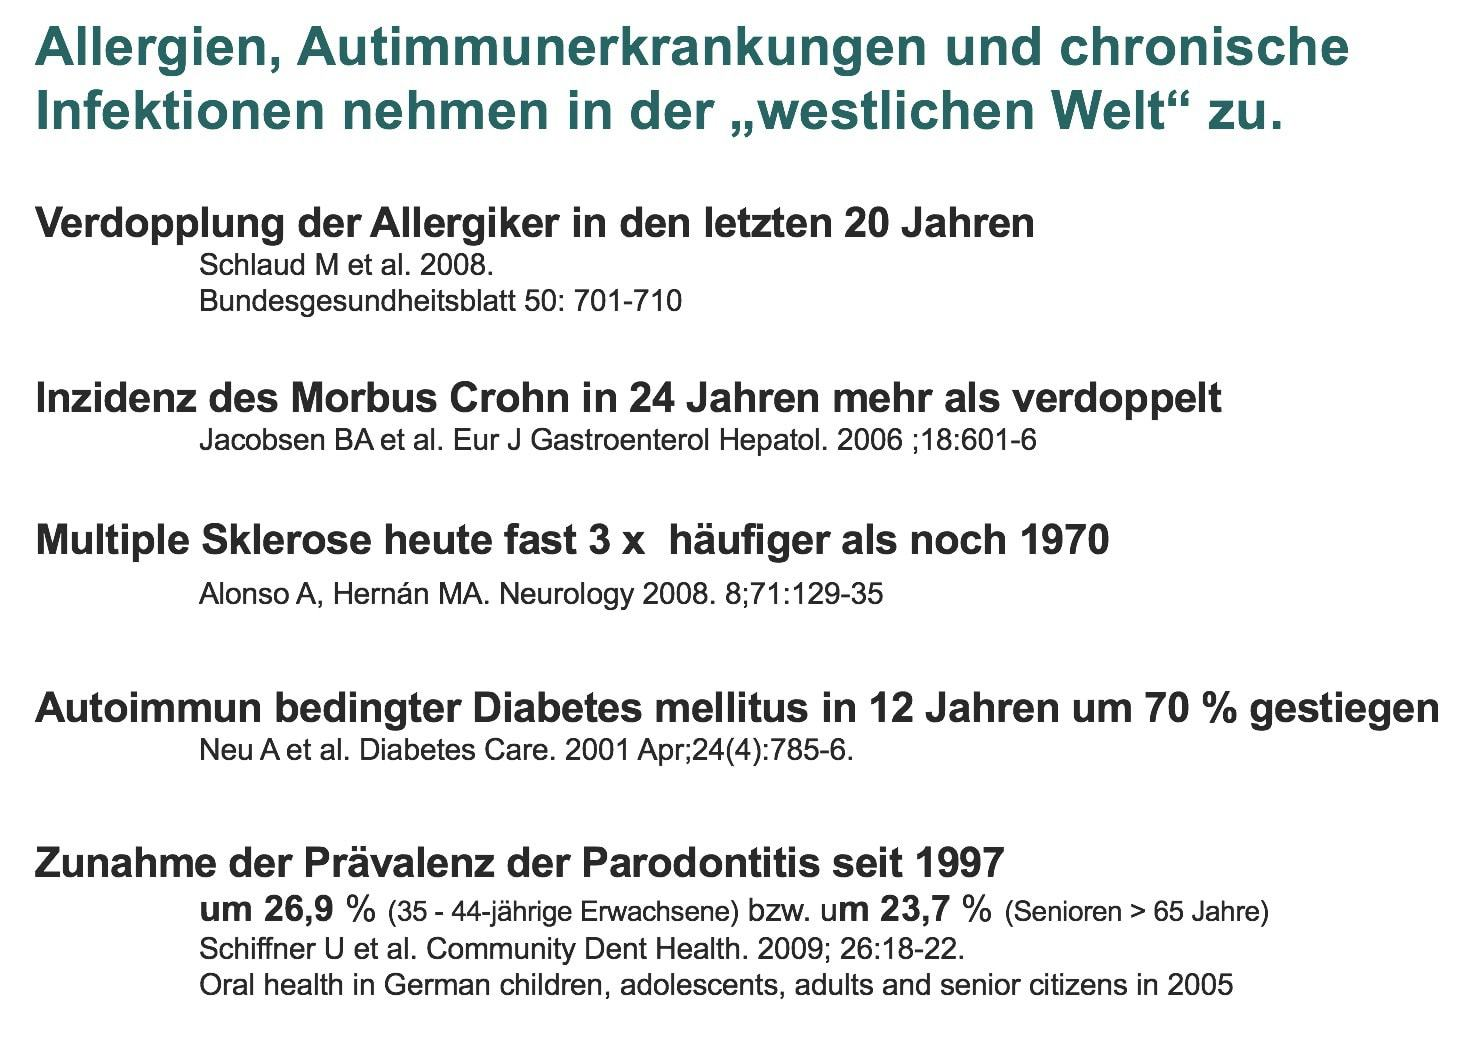 """Allergien, Autoimmunerkrankungen und chronische Infektionen nehmen in er """"westlichen Welt"""" zu"""